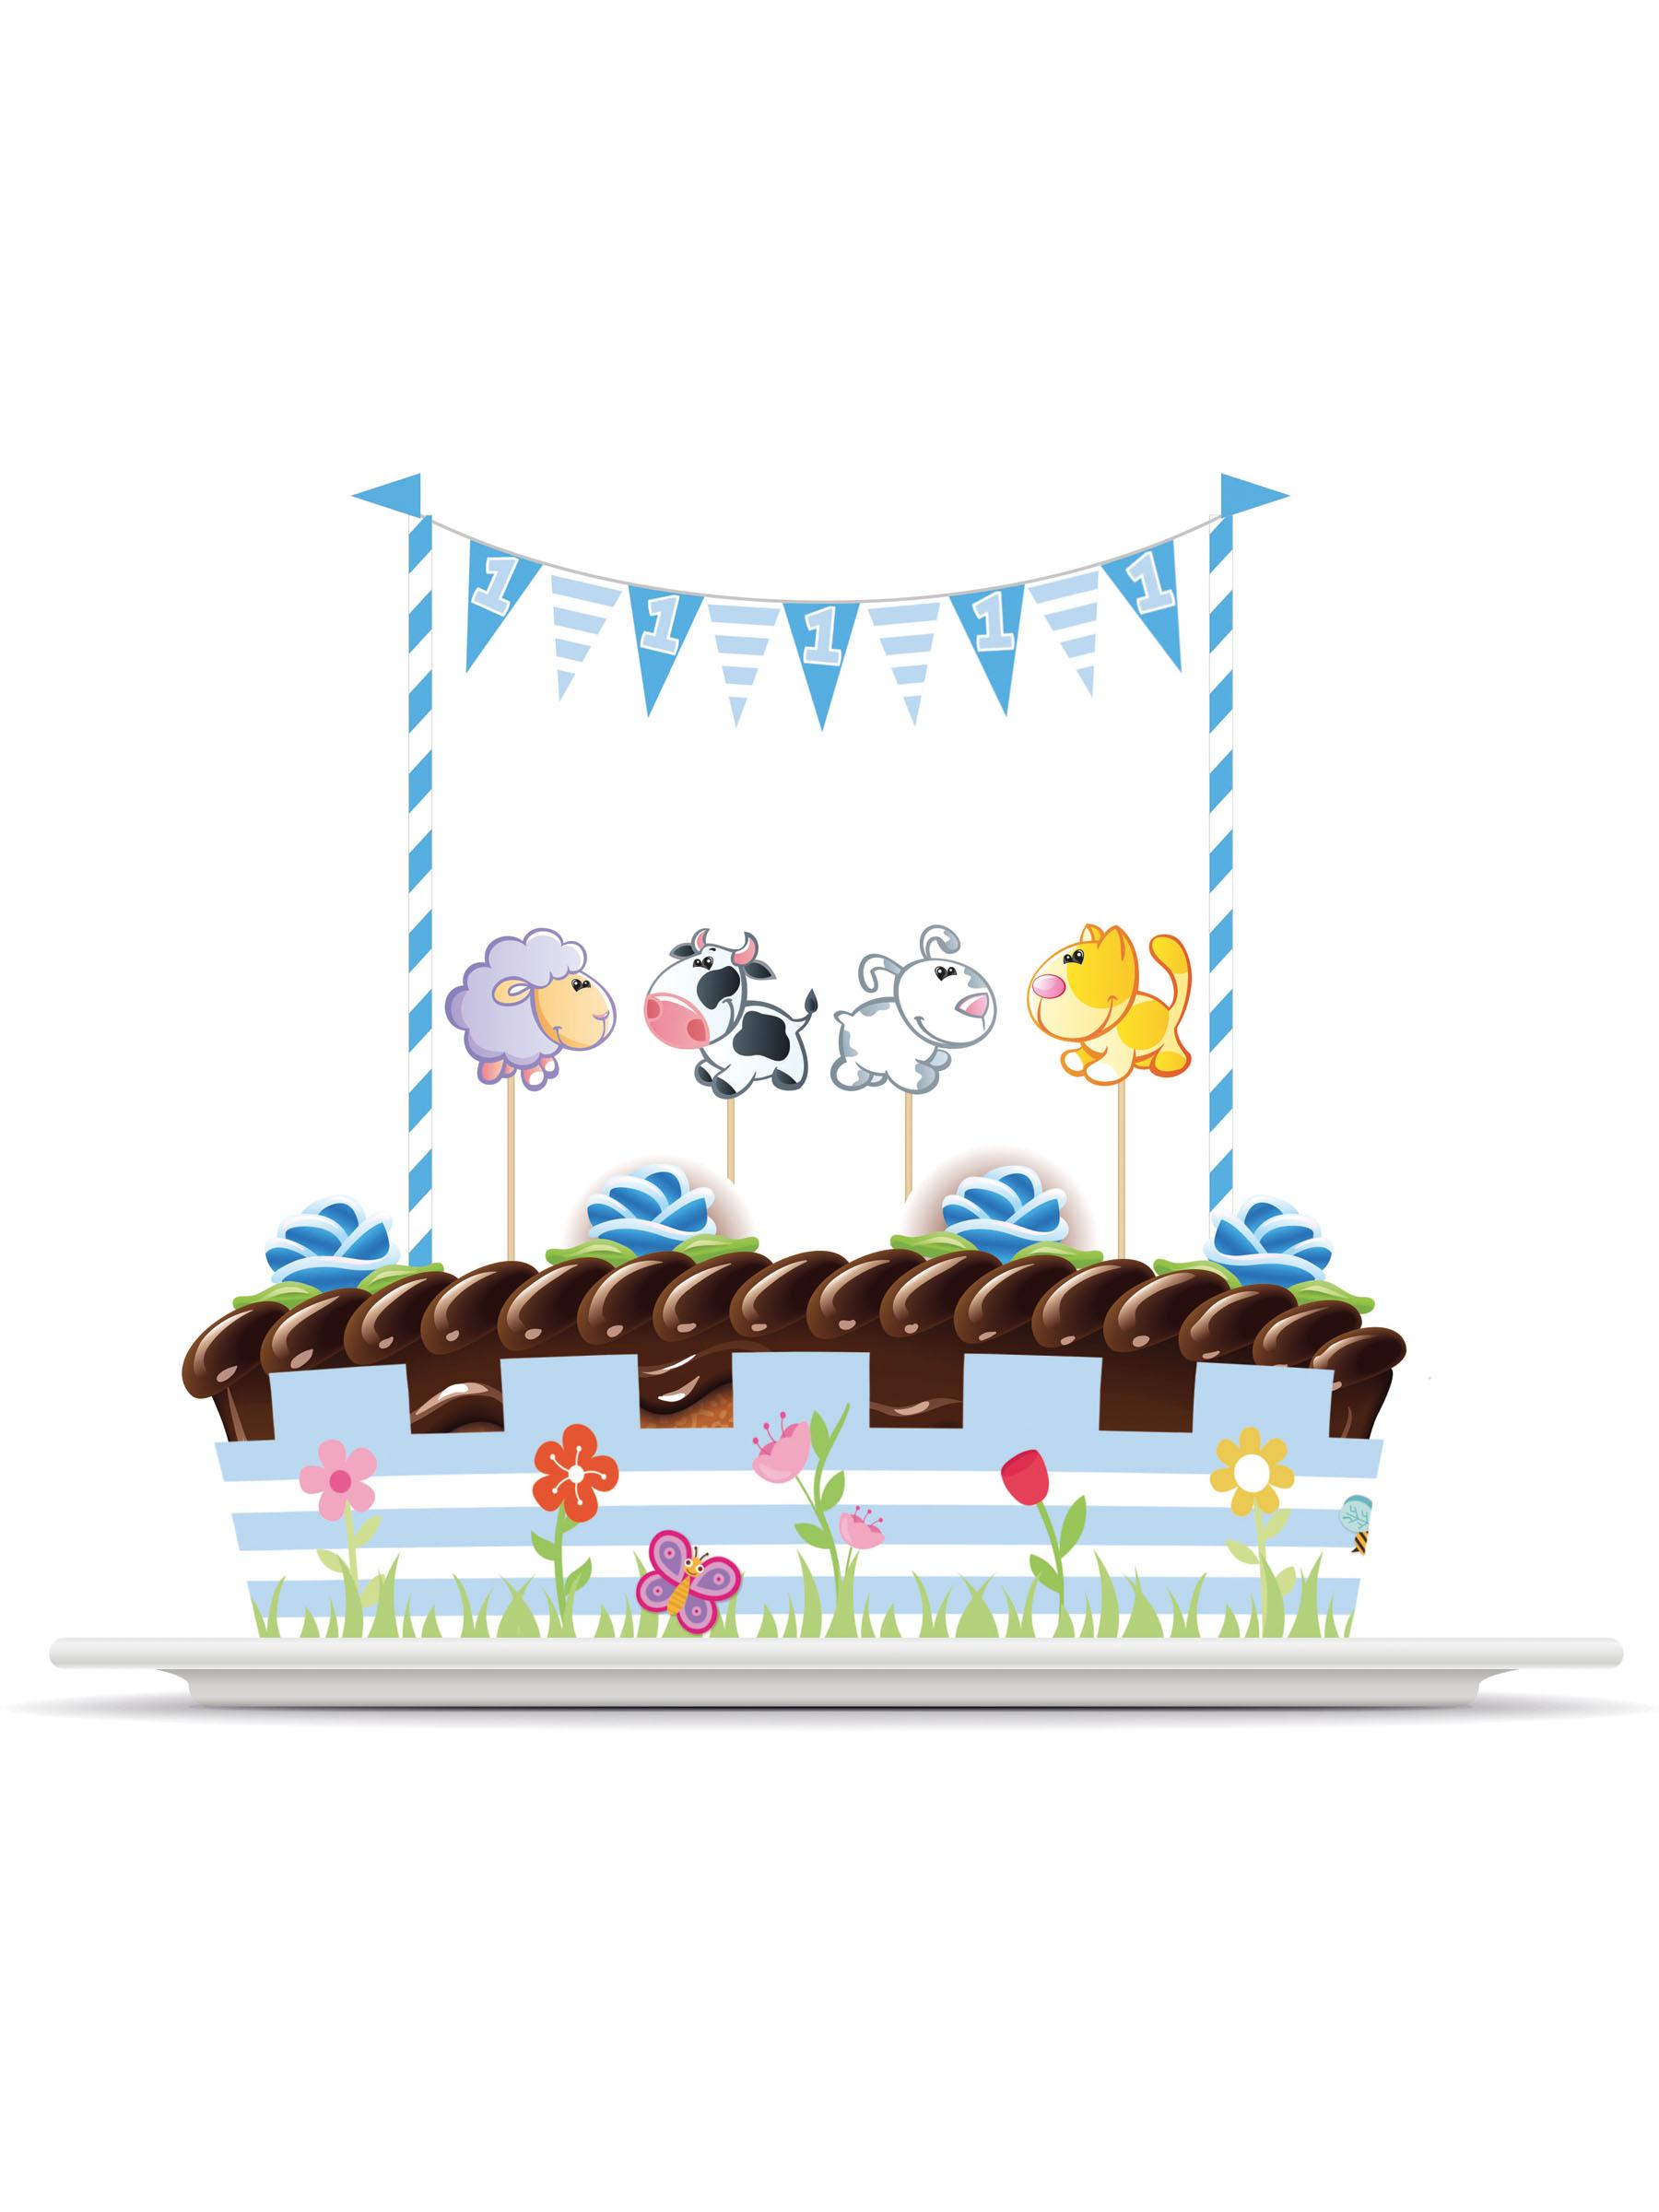 kit de d corations pour g teau animaux 1 an gar on d coration anniversaire et f tes th me sur. Black Bedroom Furniture Sets. Home Design Ideas